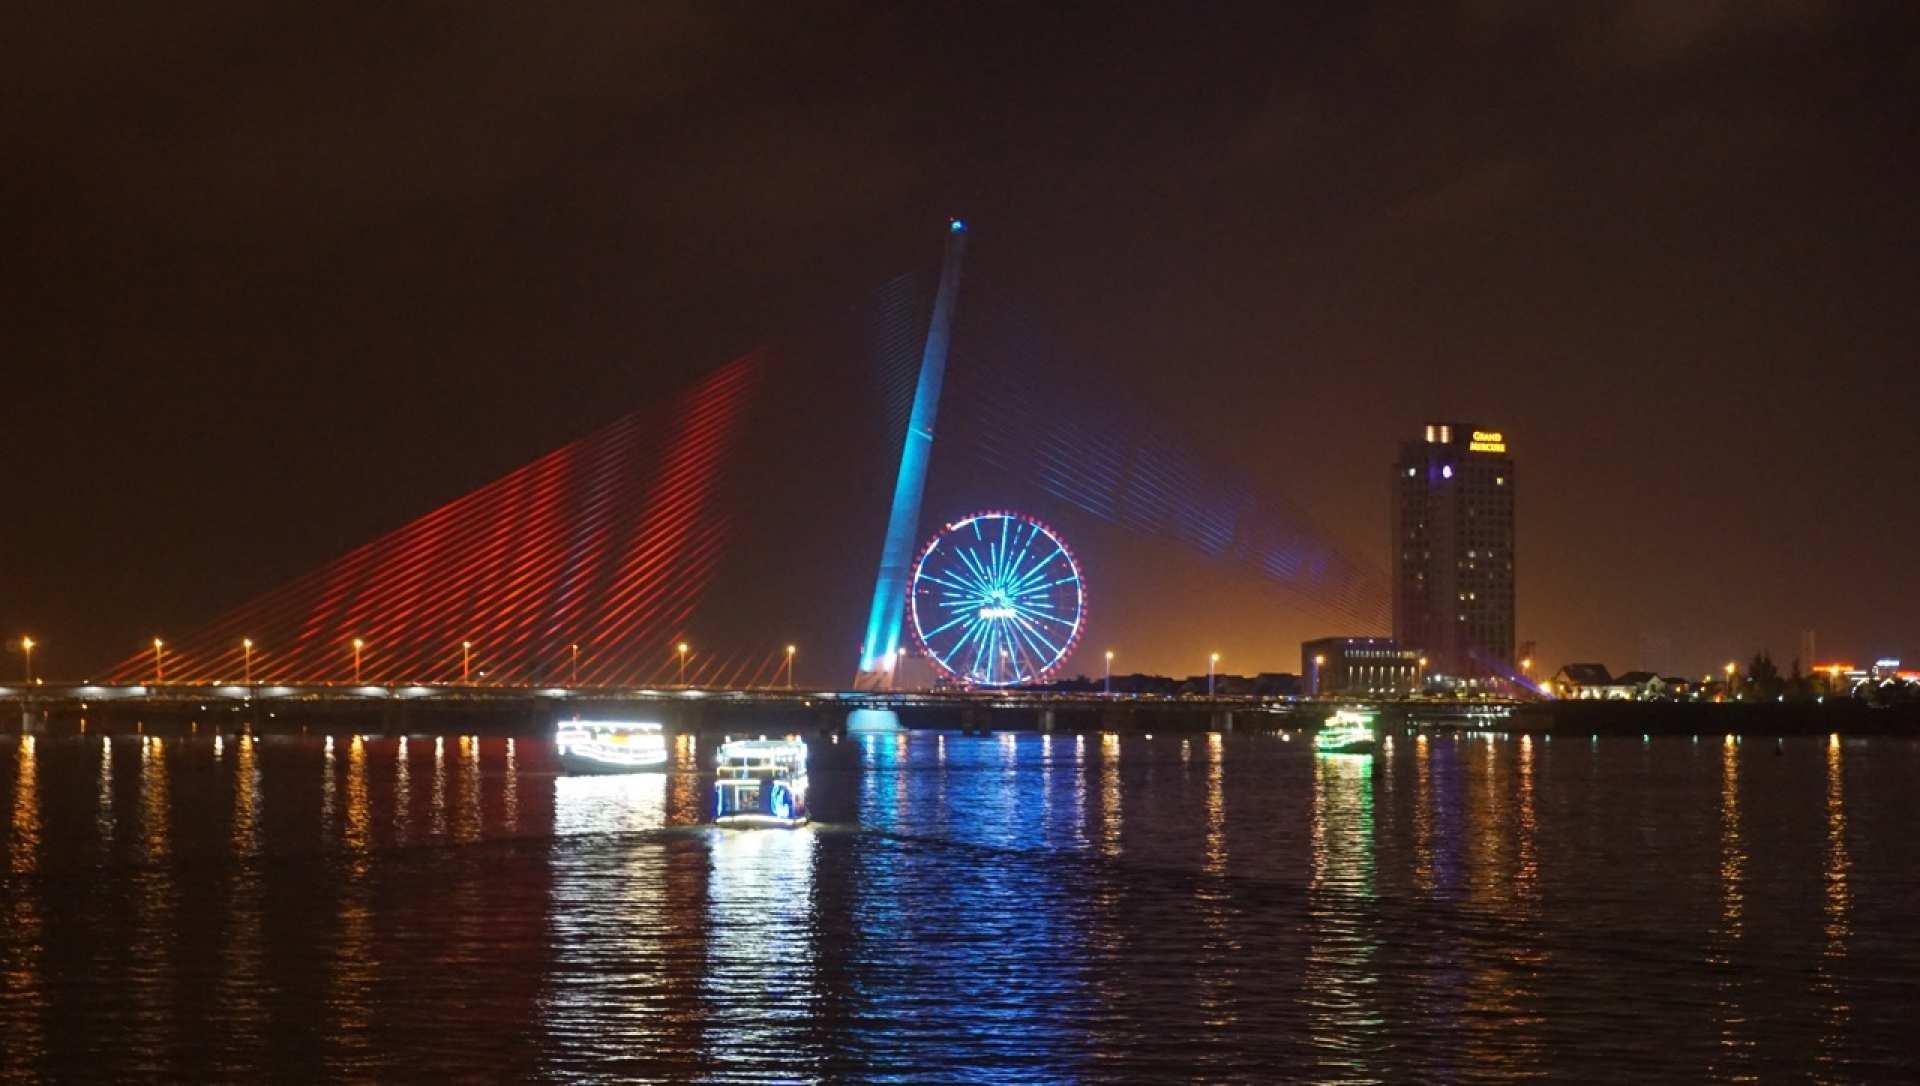 【峴港無敵夜景】夜遊瀚江(Han River)乘船票券